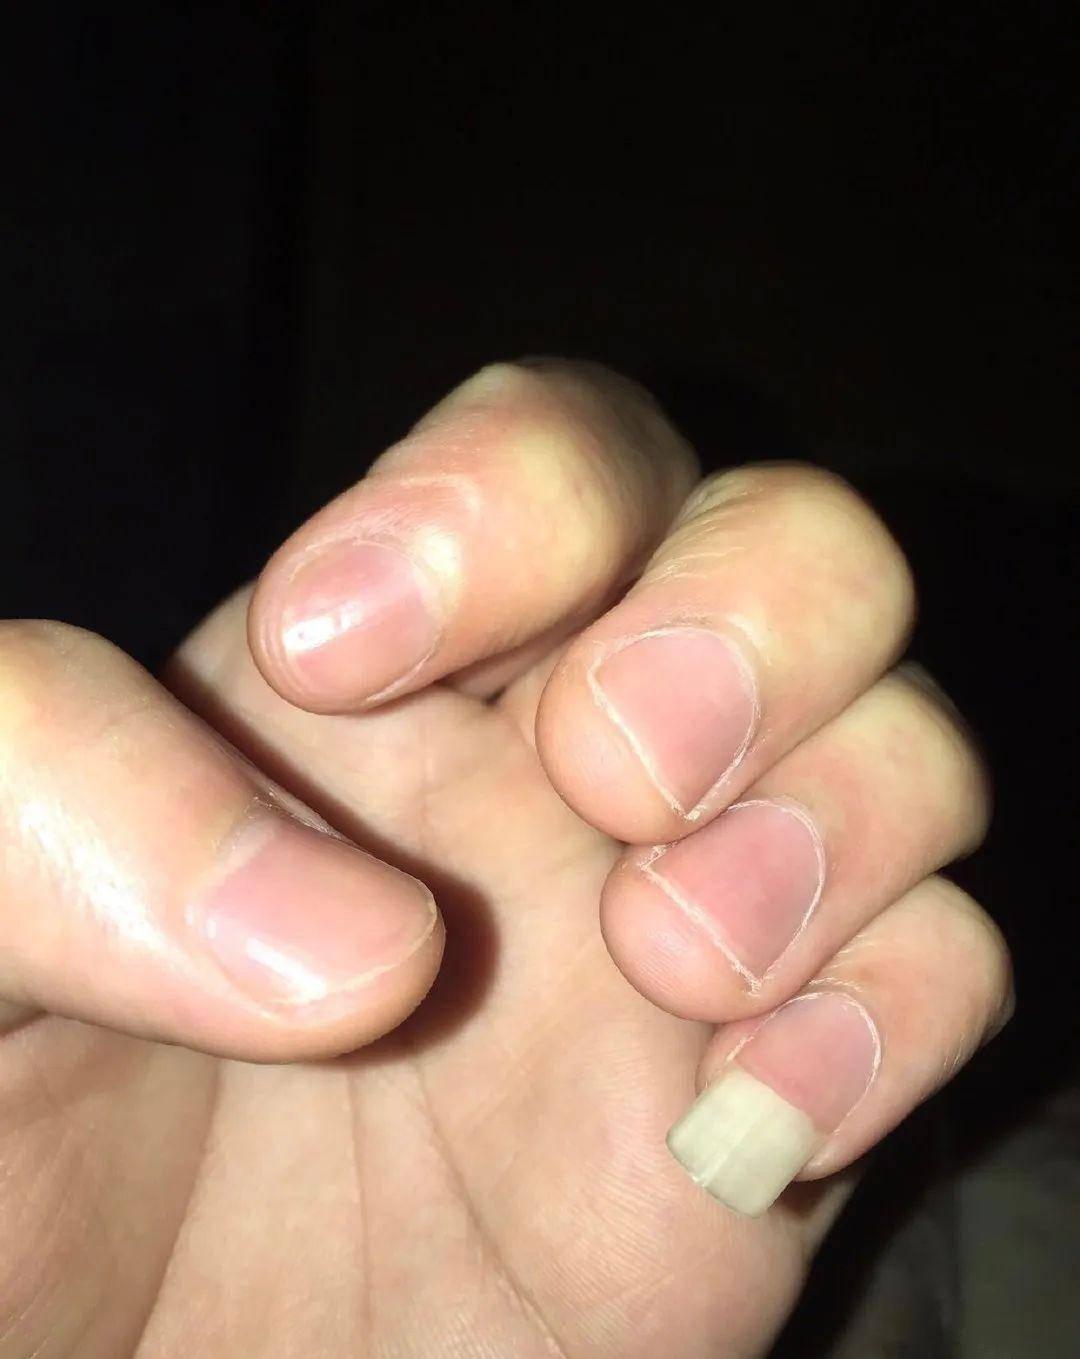 为什么中国直男爱留尾指指甲?